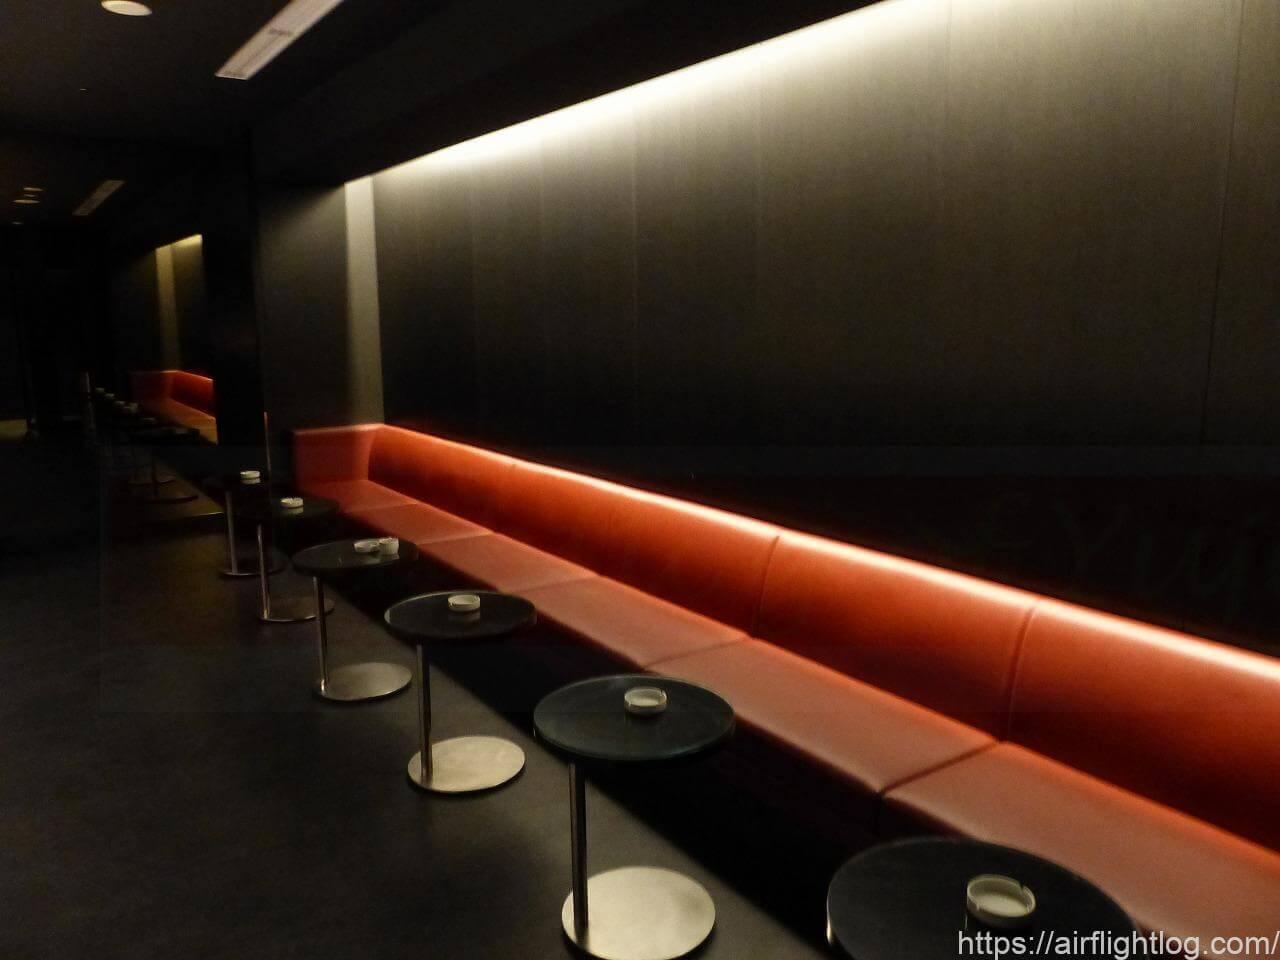 JAL成田空港ファーストクラスラウンジ「JAL's salon」喫煙スペース